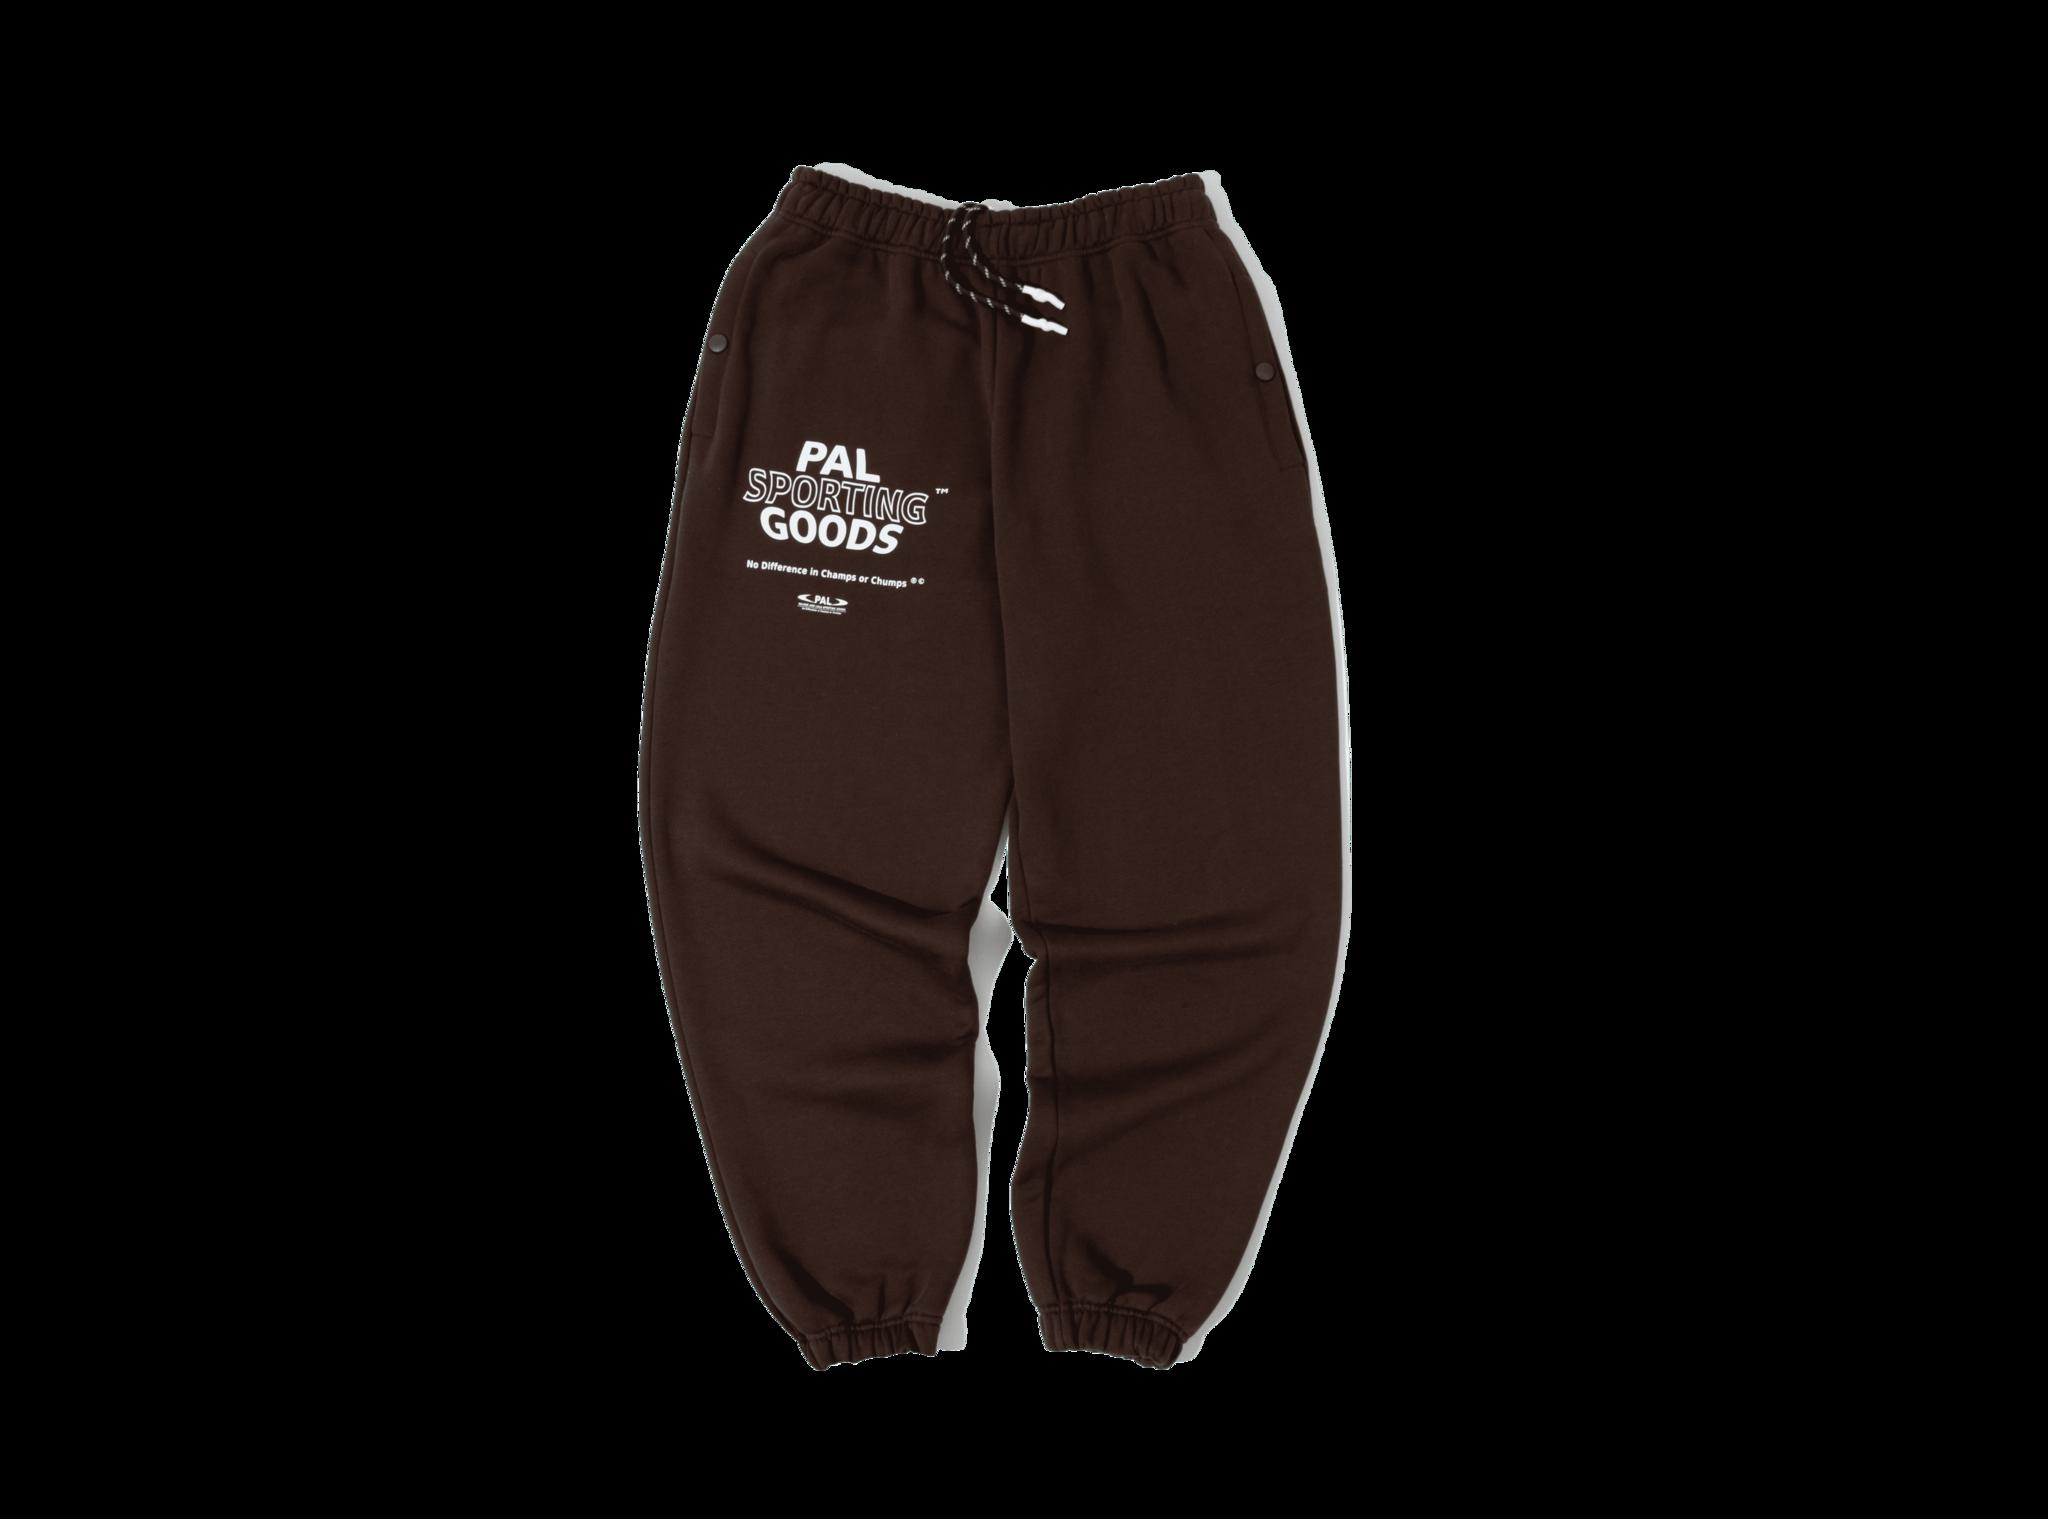 PAL Varsity sweatpants deep brown